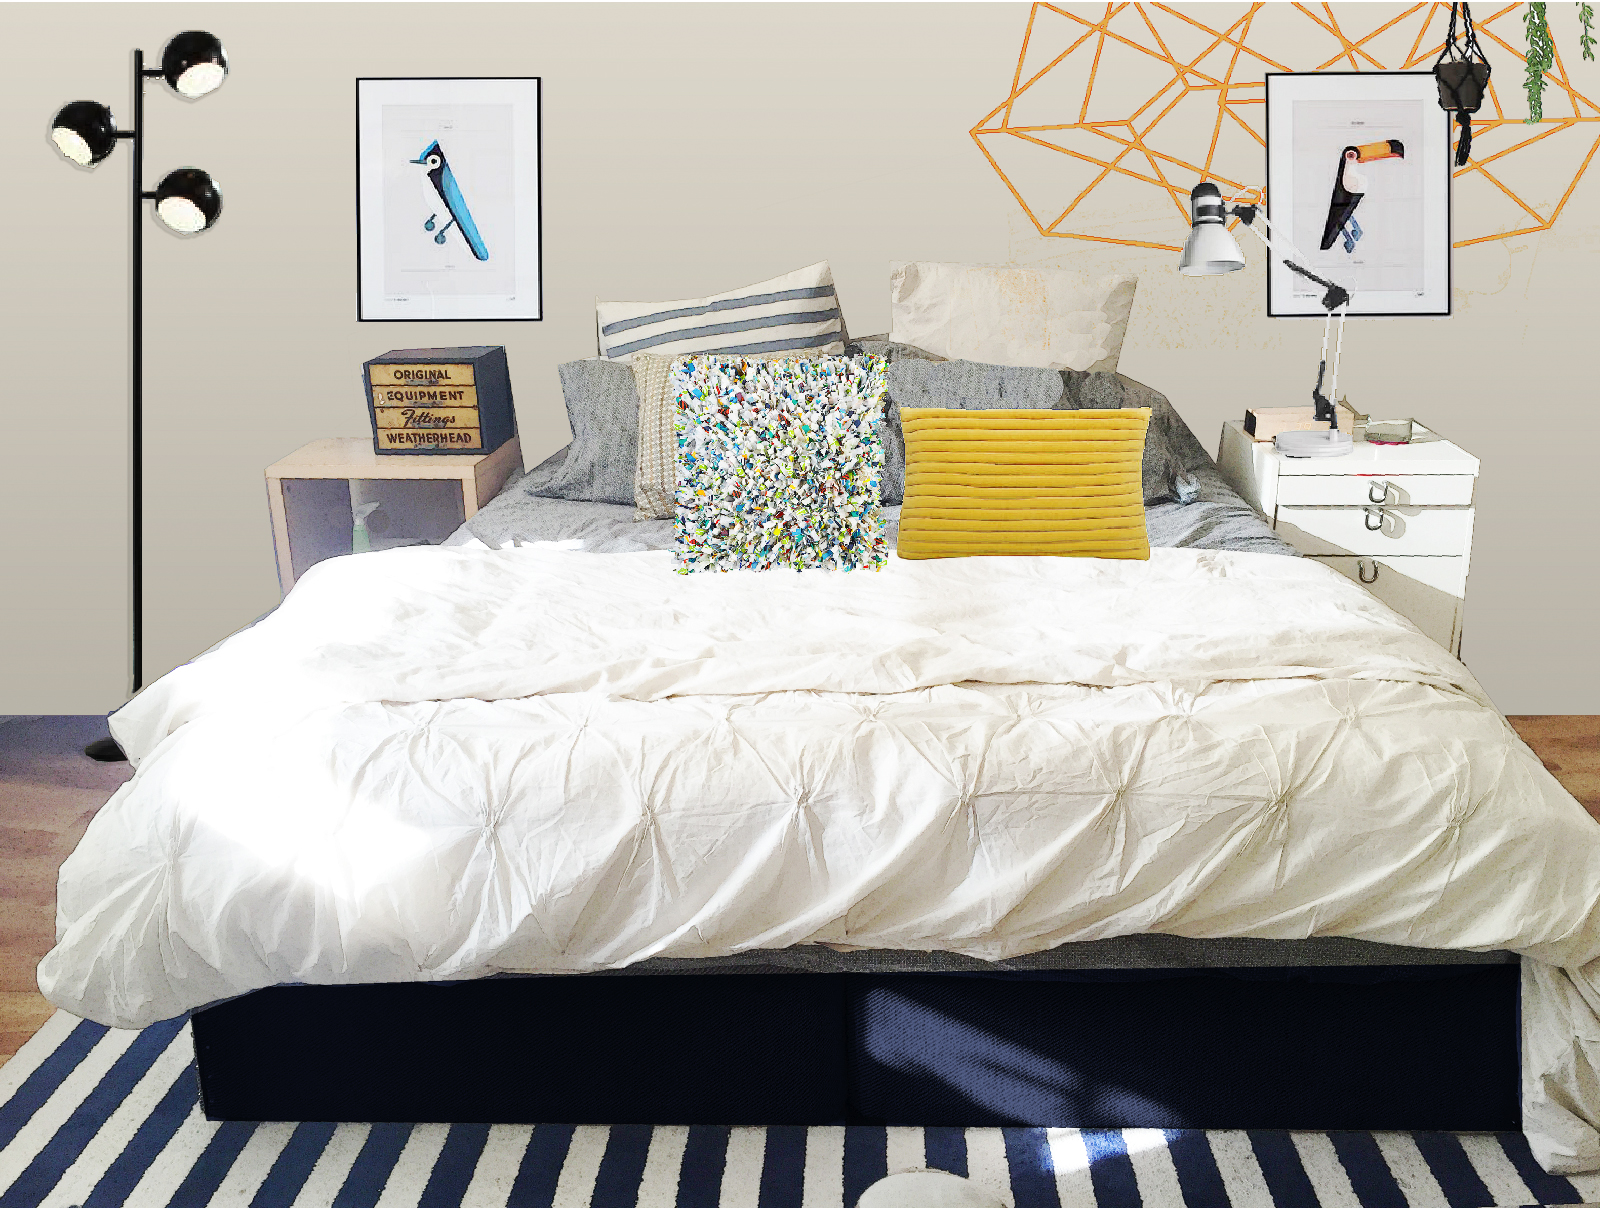 Who needs a headboard bedroom headboard alternatives for Headboard alternatives